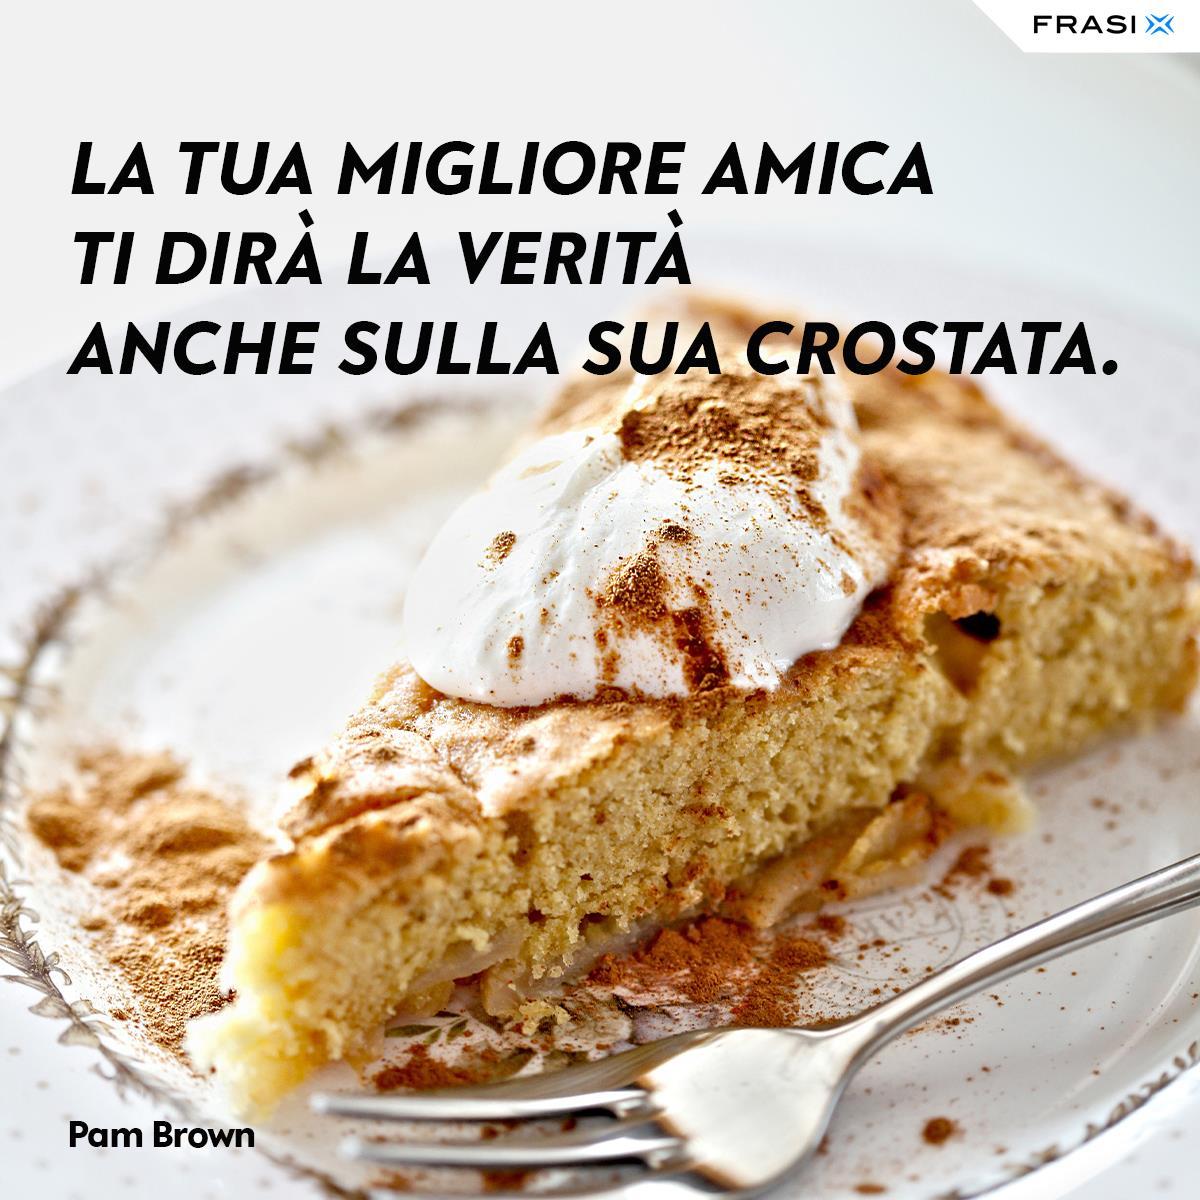 Frasi sulle torte crostata migliore amica Pam Brown